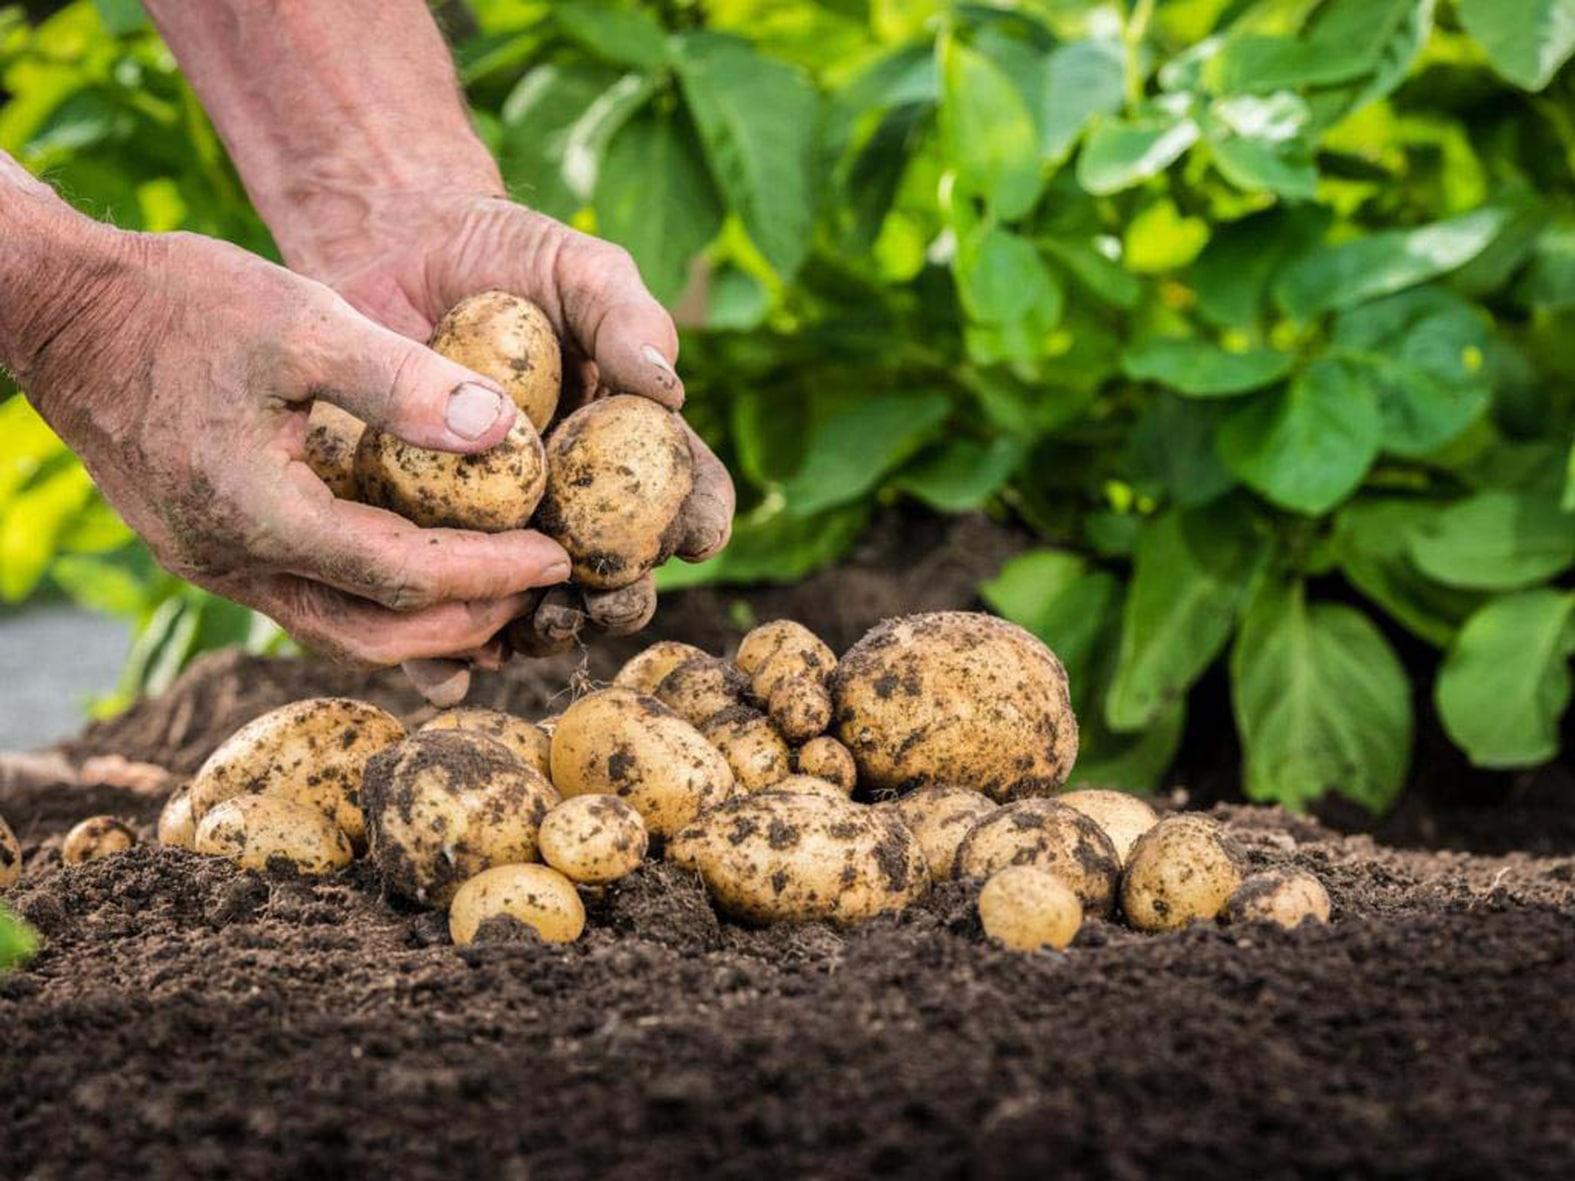 Характеристика вредителей картофеля и меры борьбы с ними